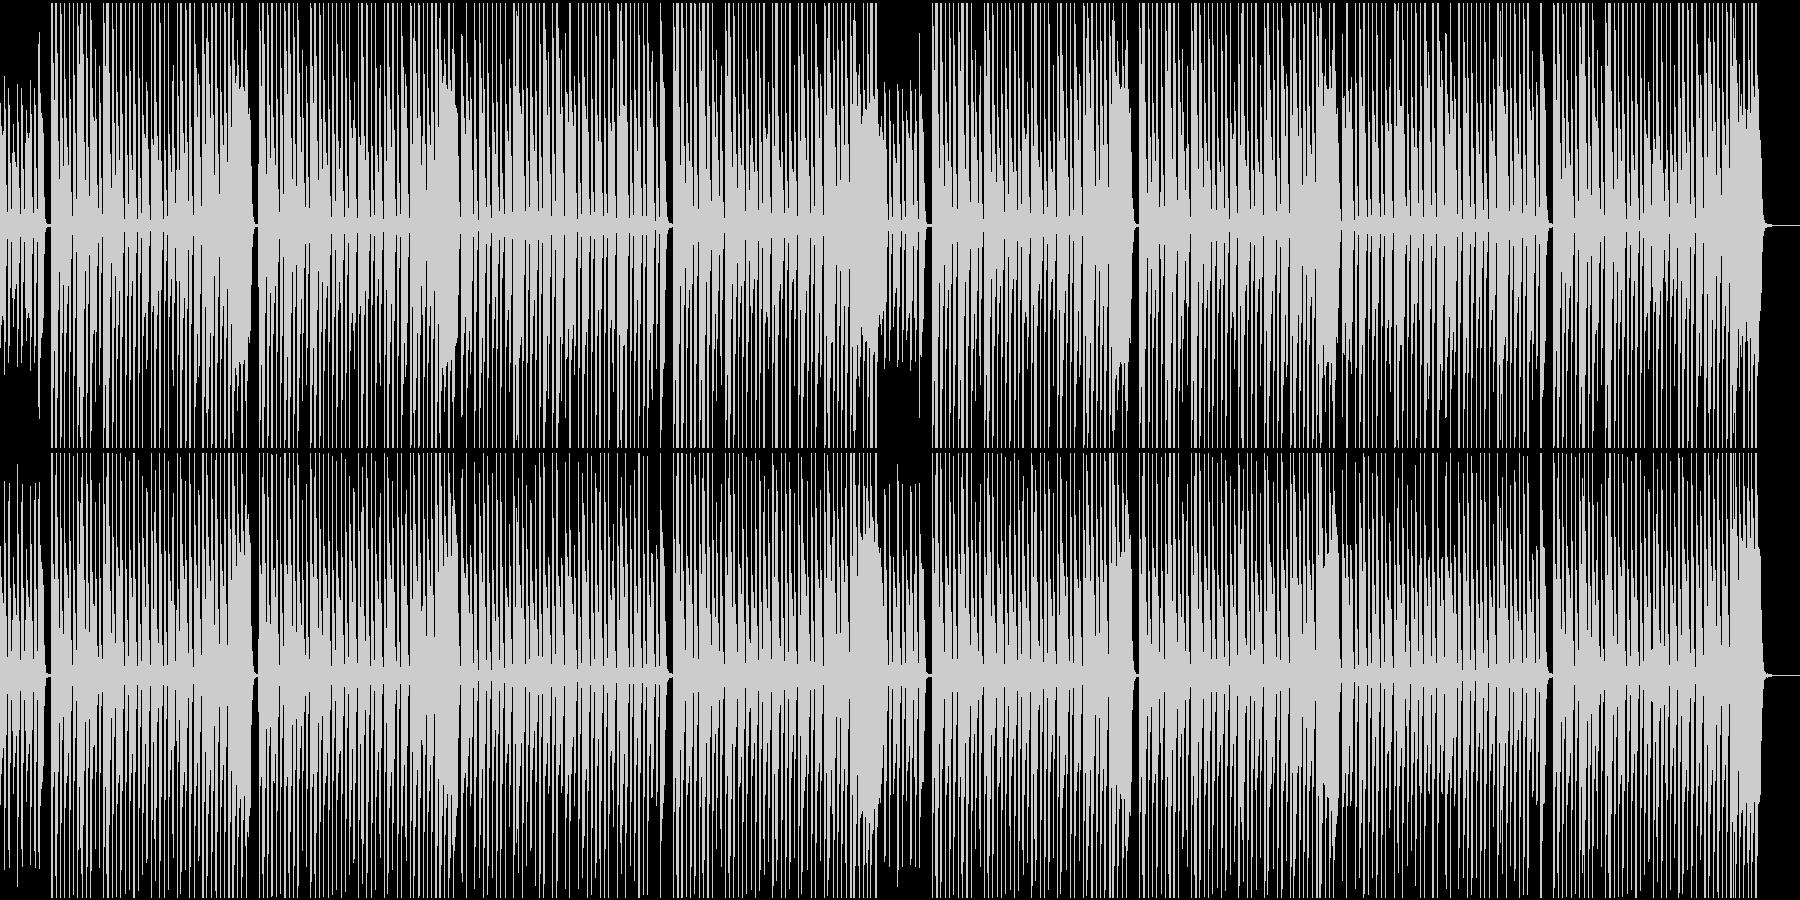 無邪気さ溢れる木琴の曲の未再生の波形